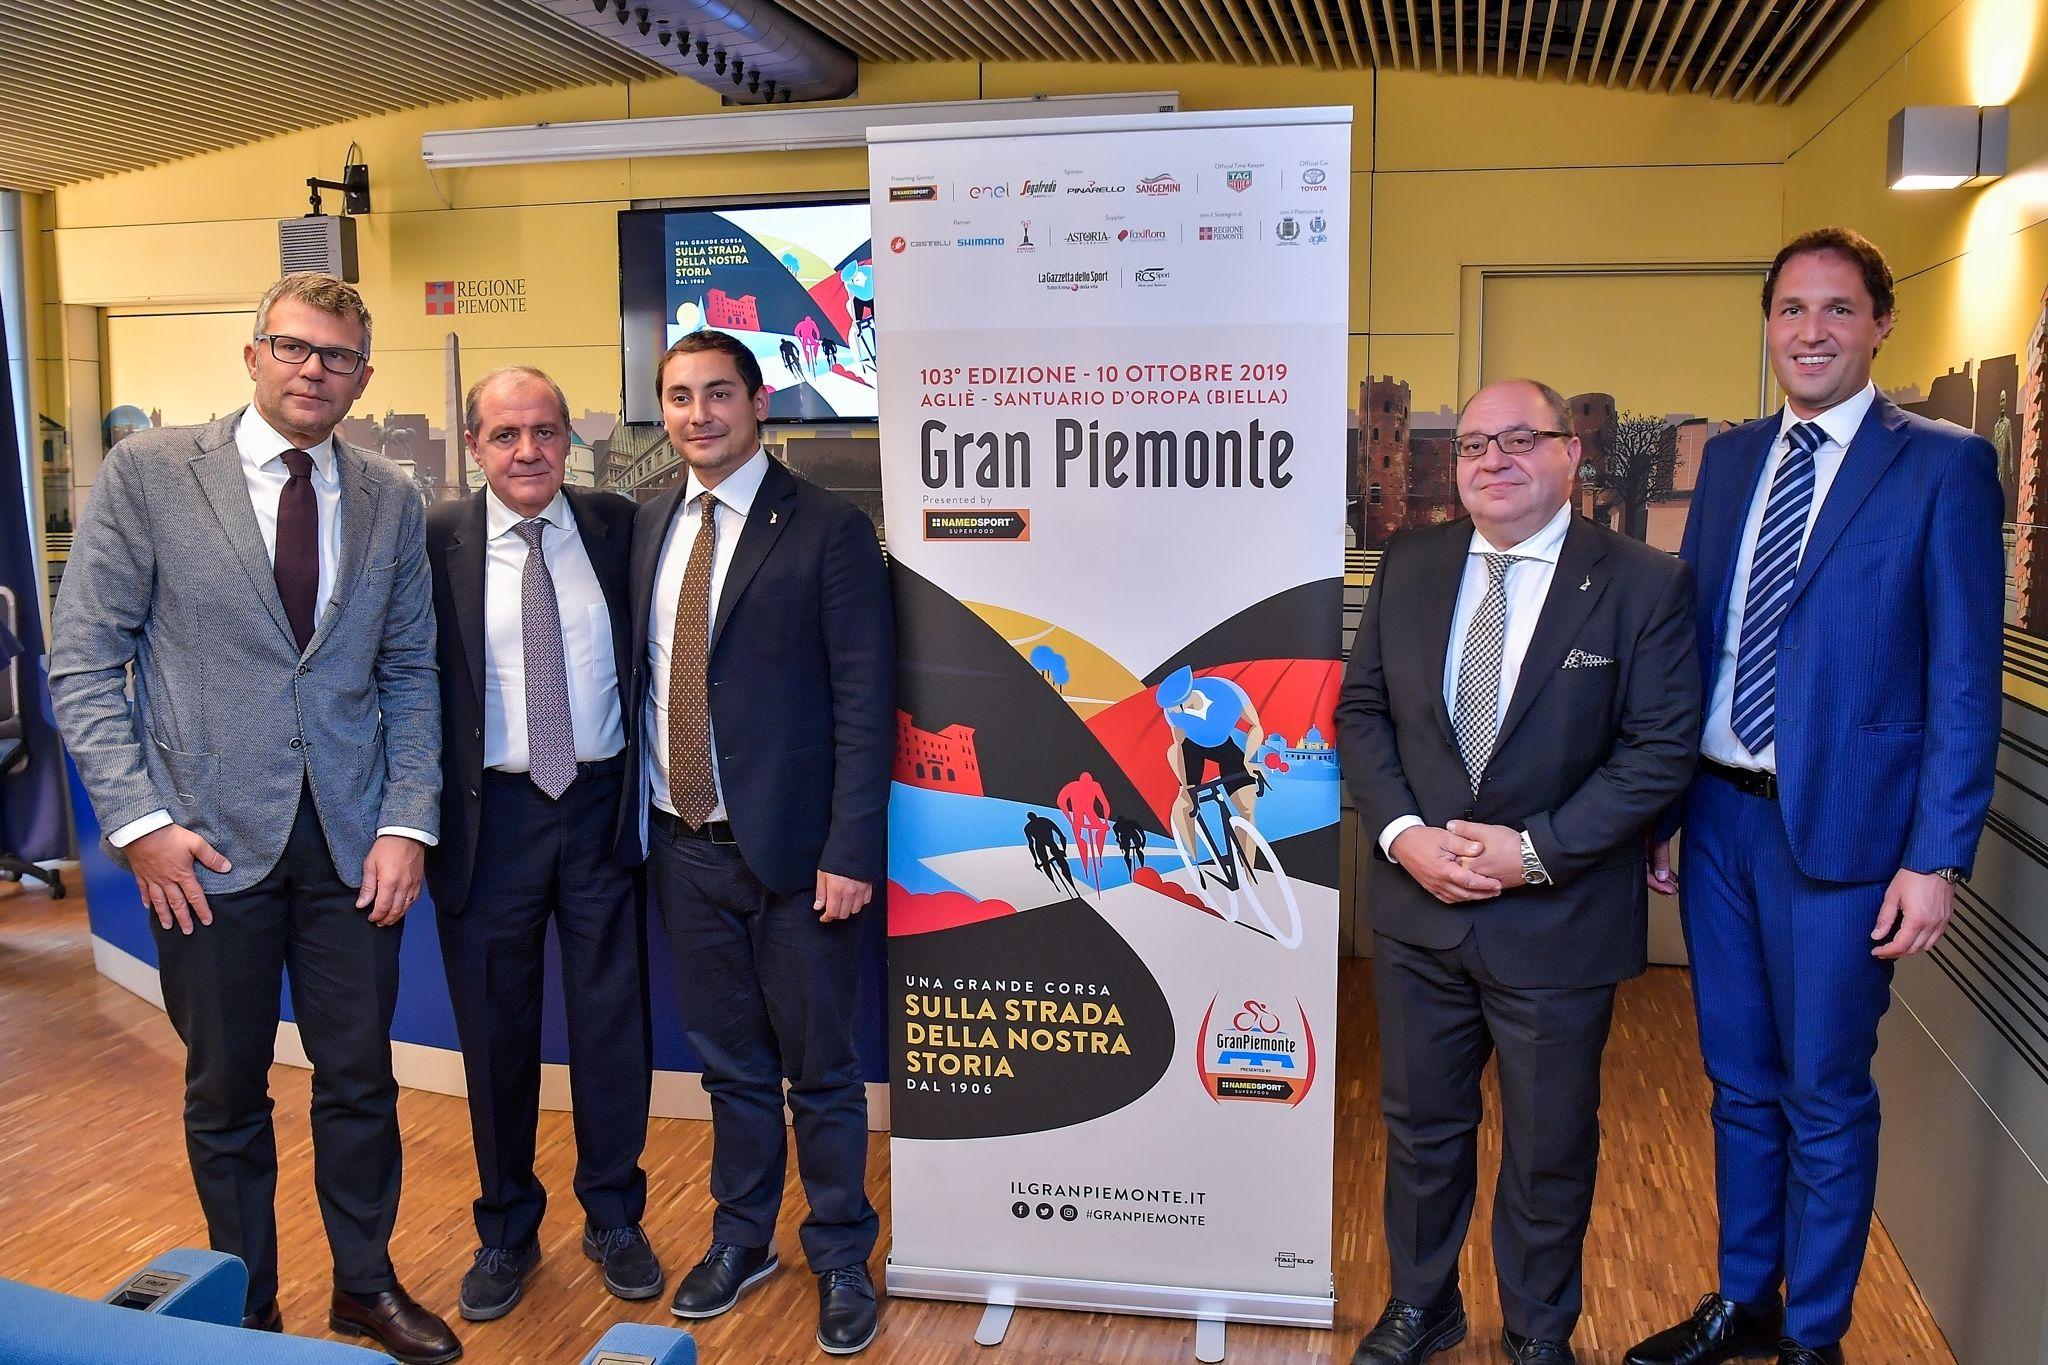 GRAN PIEMONTE - Il ciclismo dei grandi torna in Canavese: il 10 ottobre da Agliè parte la classica piemontese - FOTO E PERCORSO